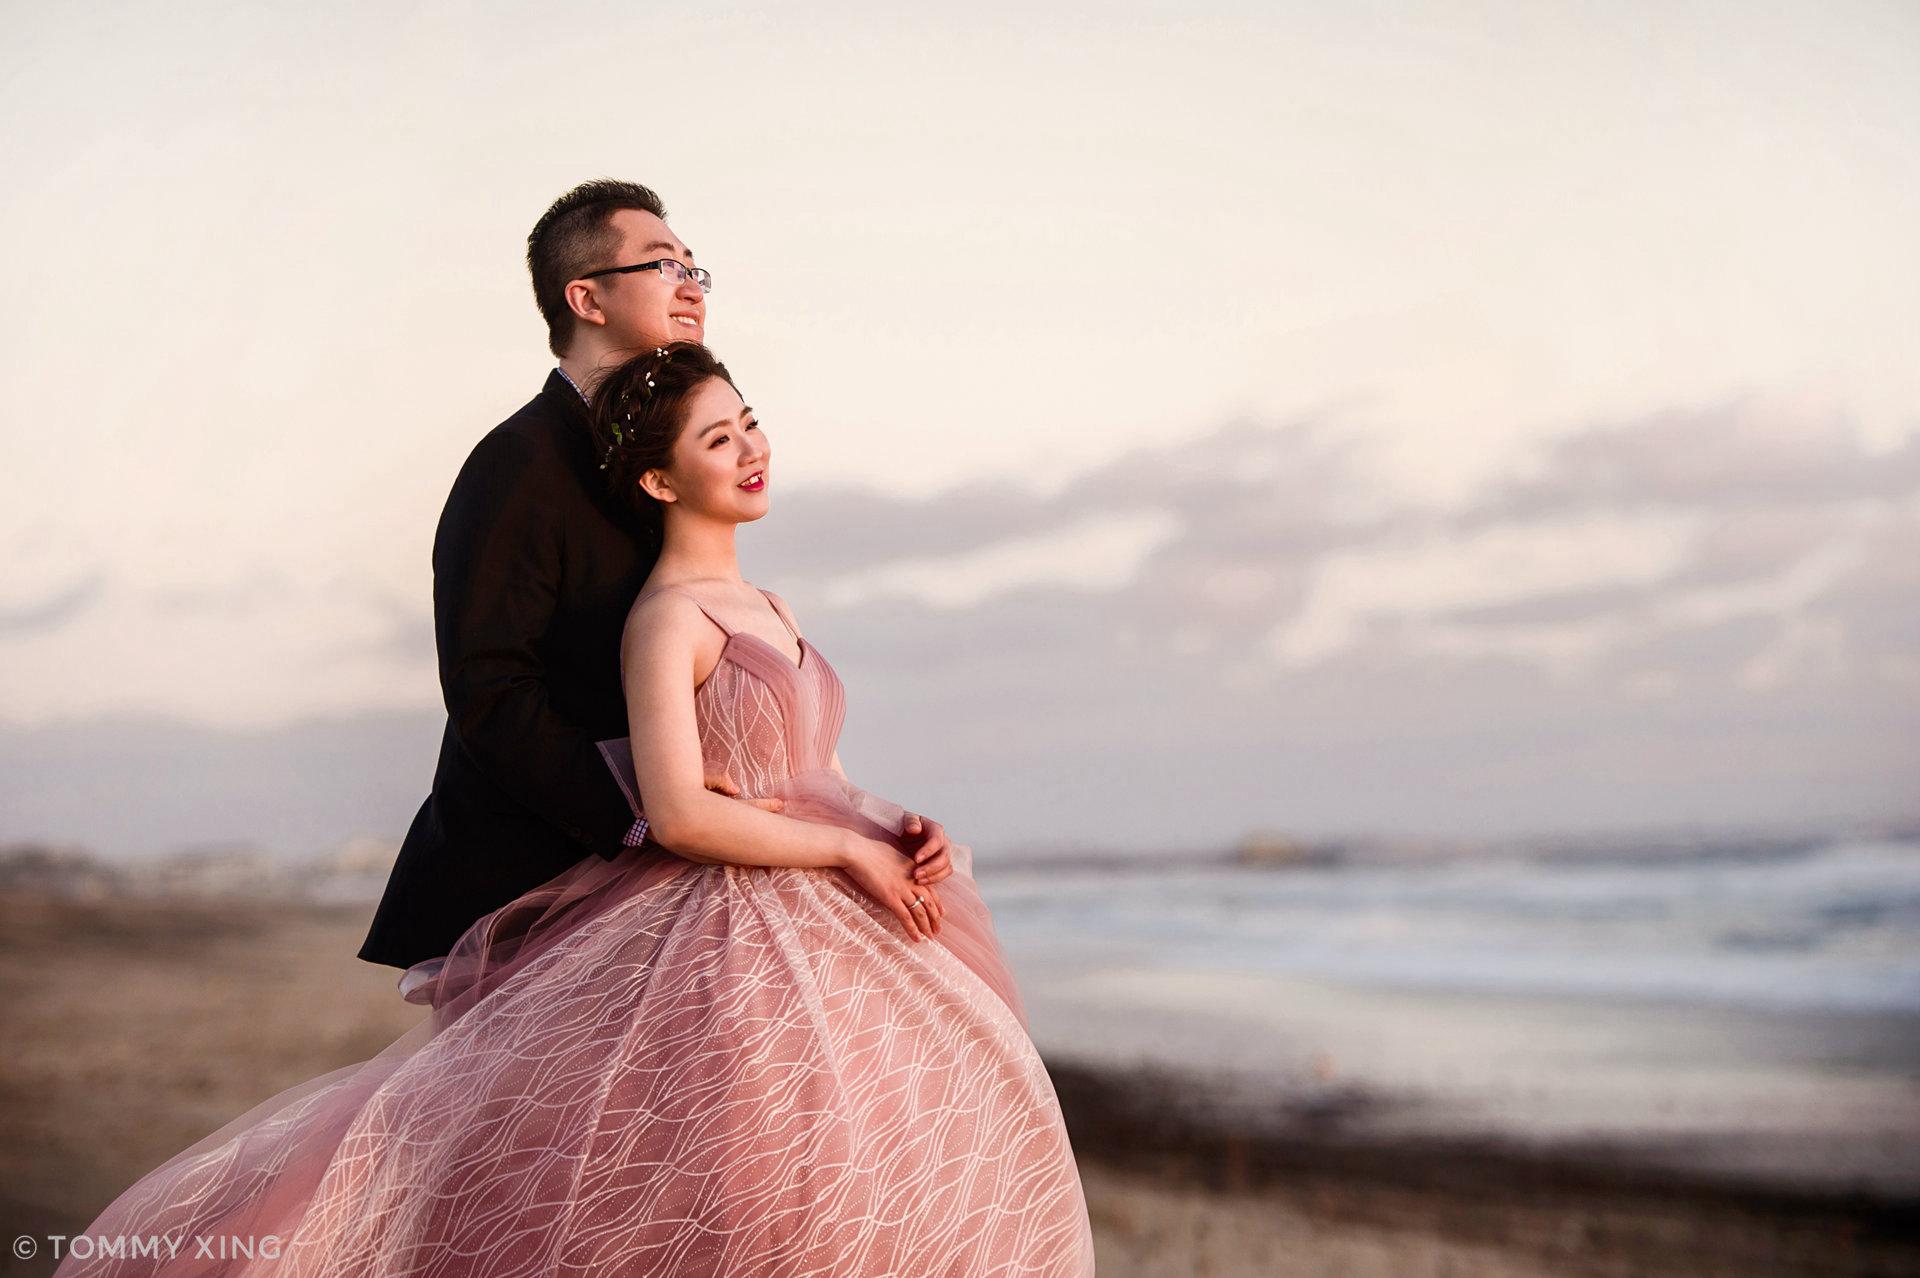 旧金山洛杉矶婚纱照 Tommy Xing Wedding Photography 23.jpg